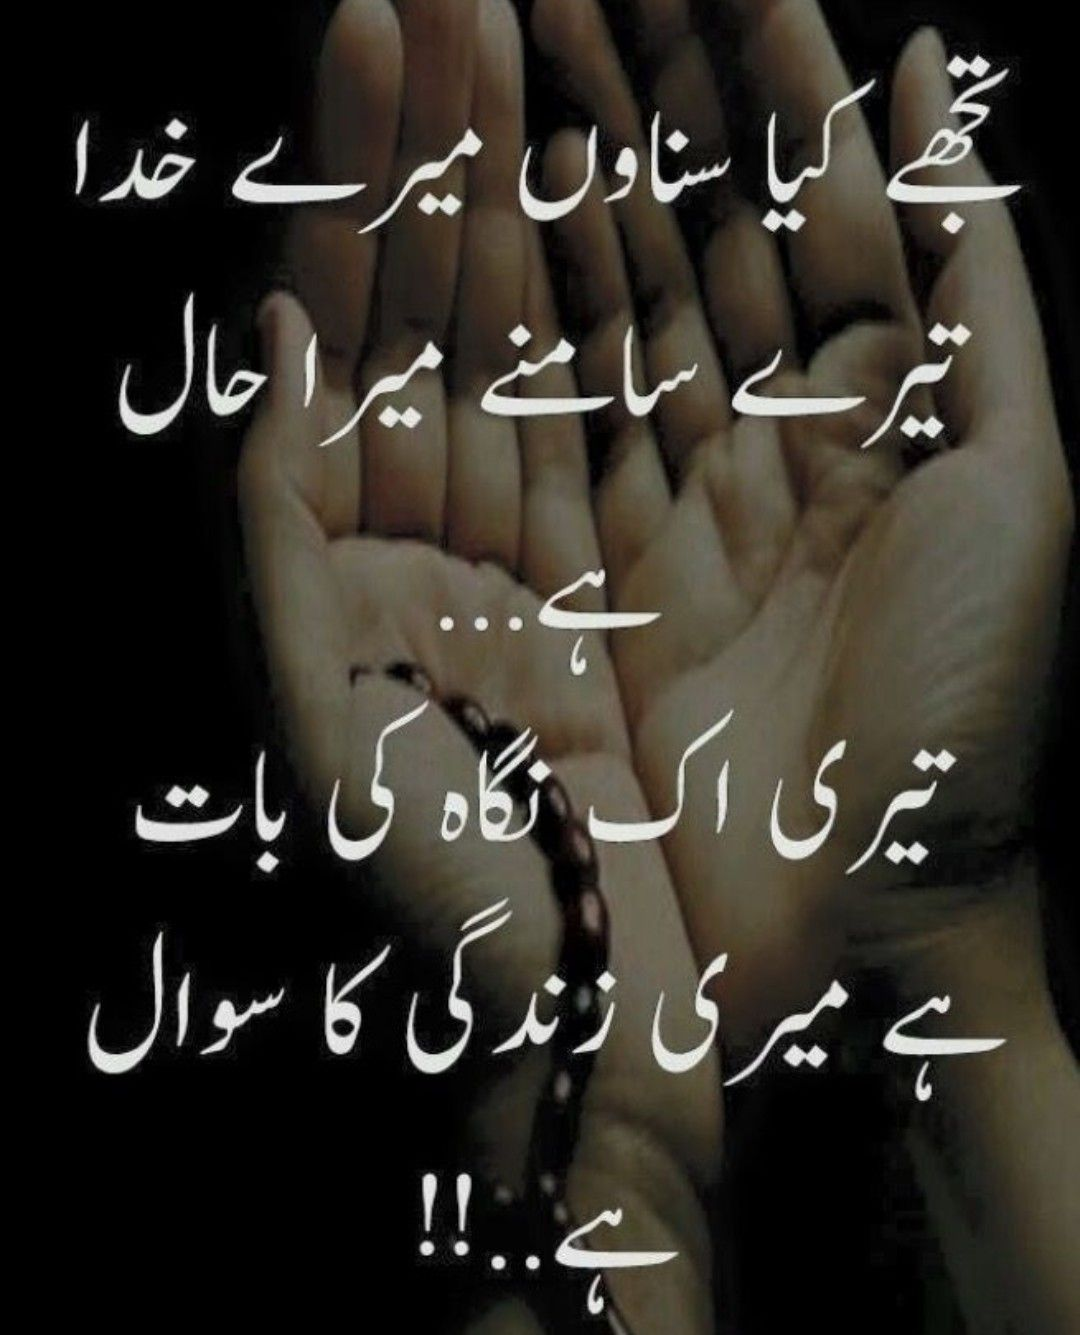 جمع مبارک ہو دوستوں With Images Sufi Poetry Islamic Love